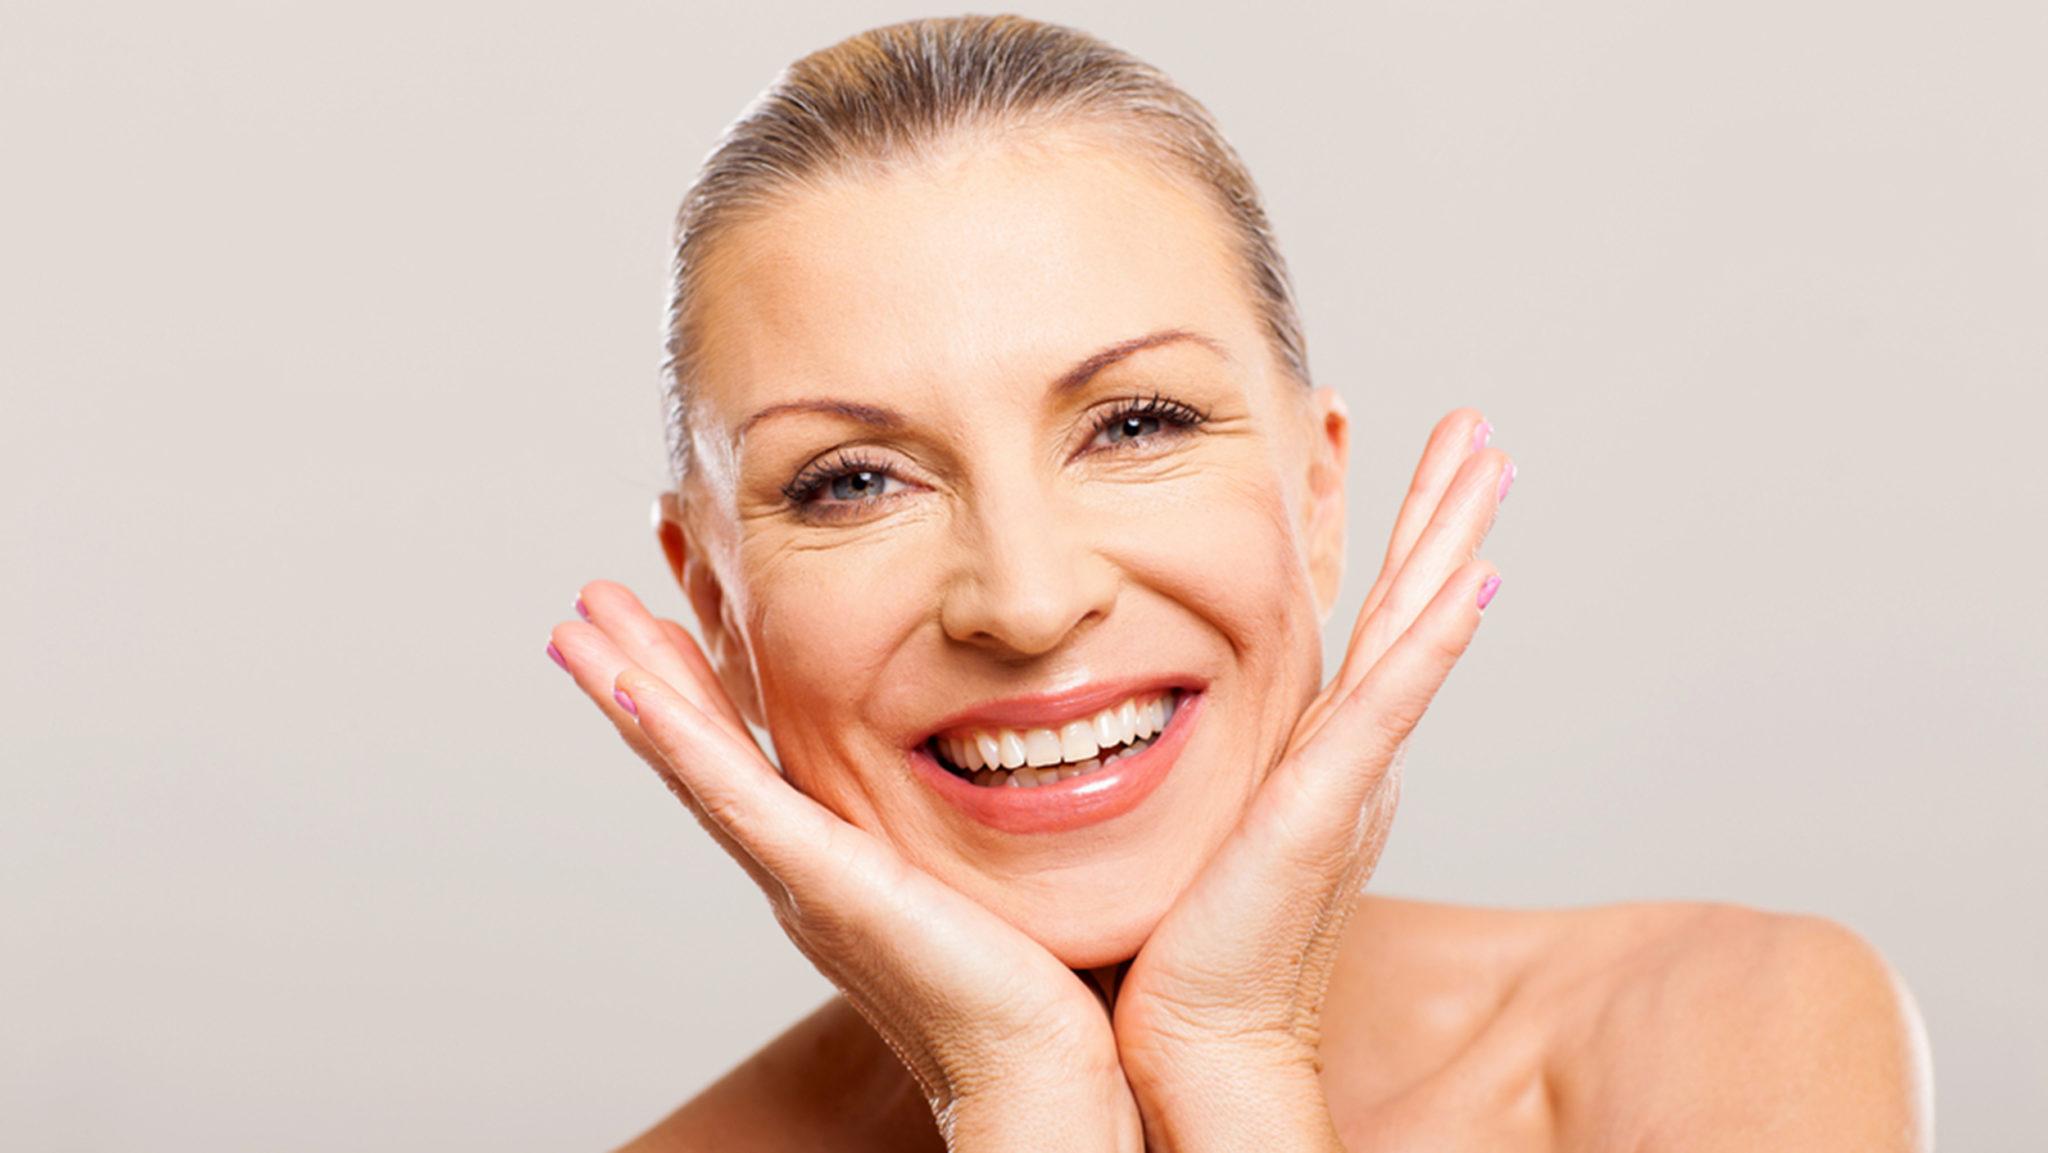 Гепариновая мазь в косметологии для лица - аптечное средство от морщин!